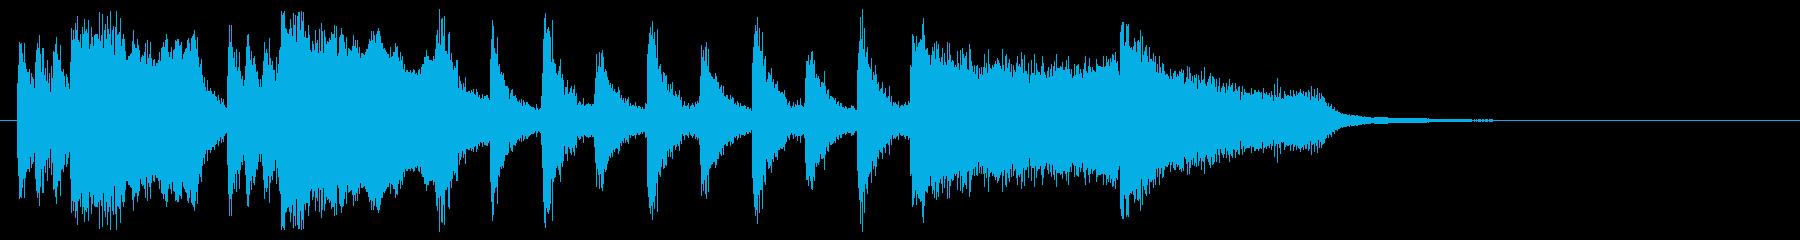 明るく陽気なファンファーレの再生済みの波形